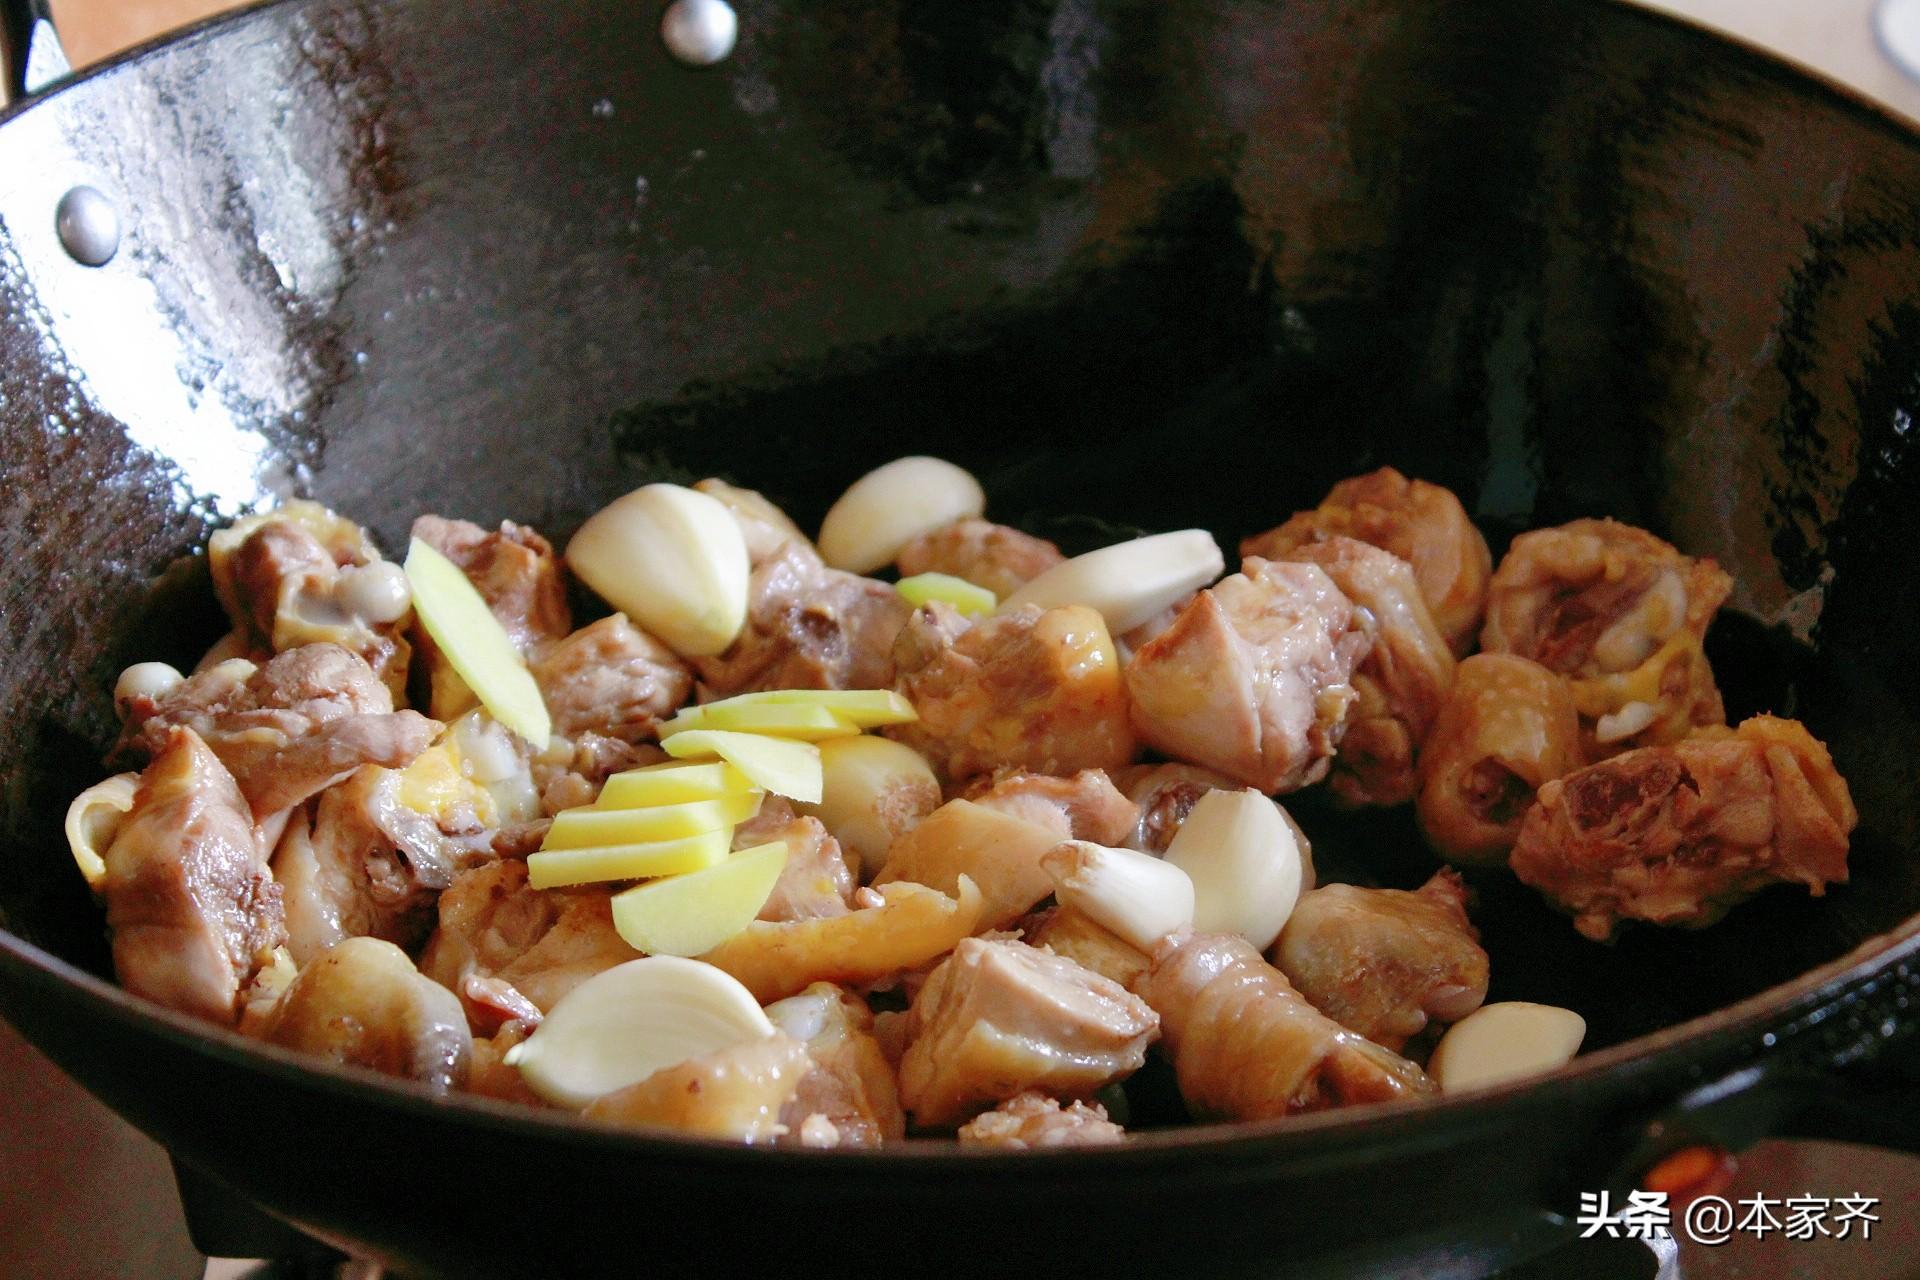 蔥油燜雞,是先炒雞還是蔥油? 跟著老師傅學,黃燜雞都不如這好吃